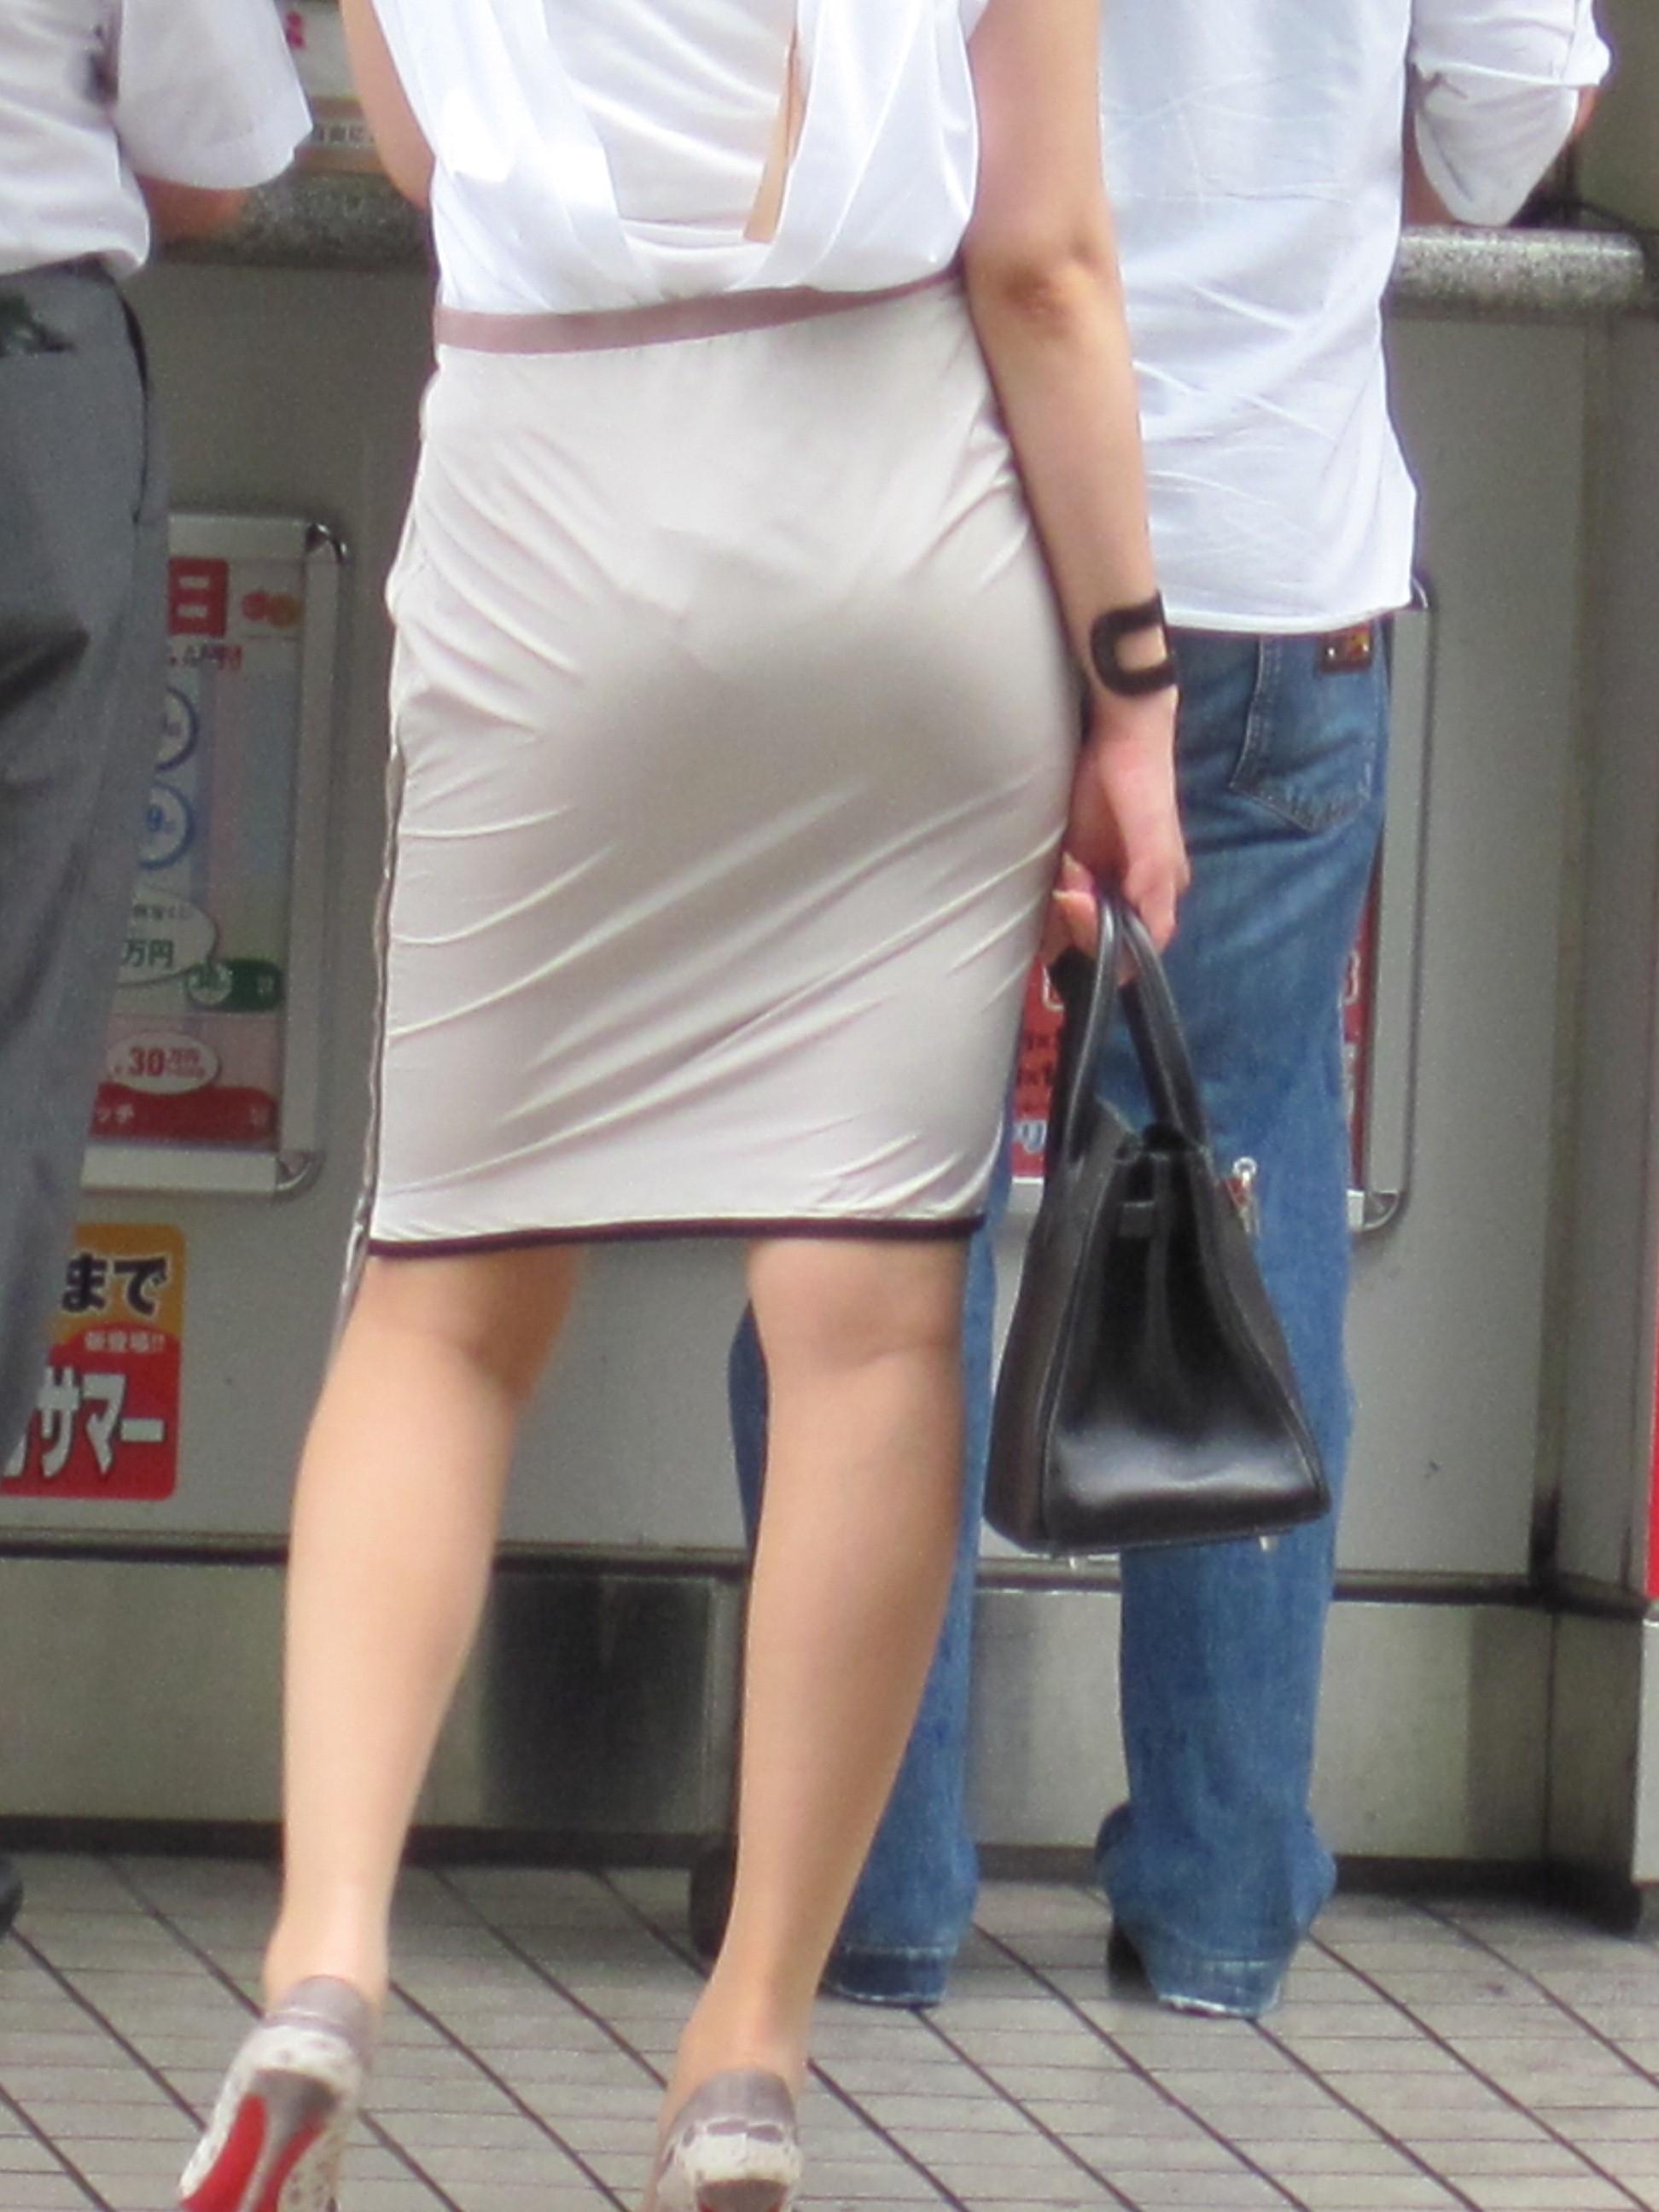 【街撮りOL画像】思わず追跡したwwwタイトスカートに包まれたムチムチ尻 20